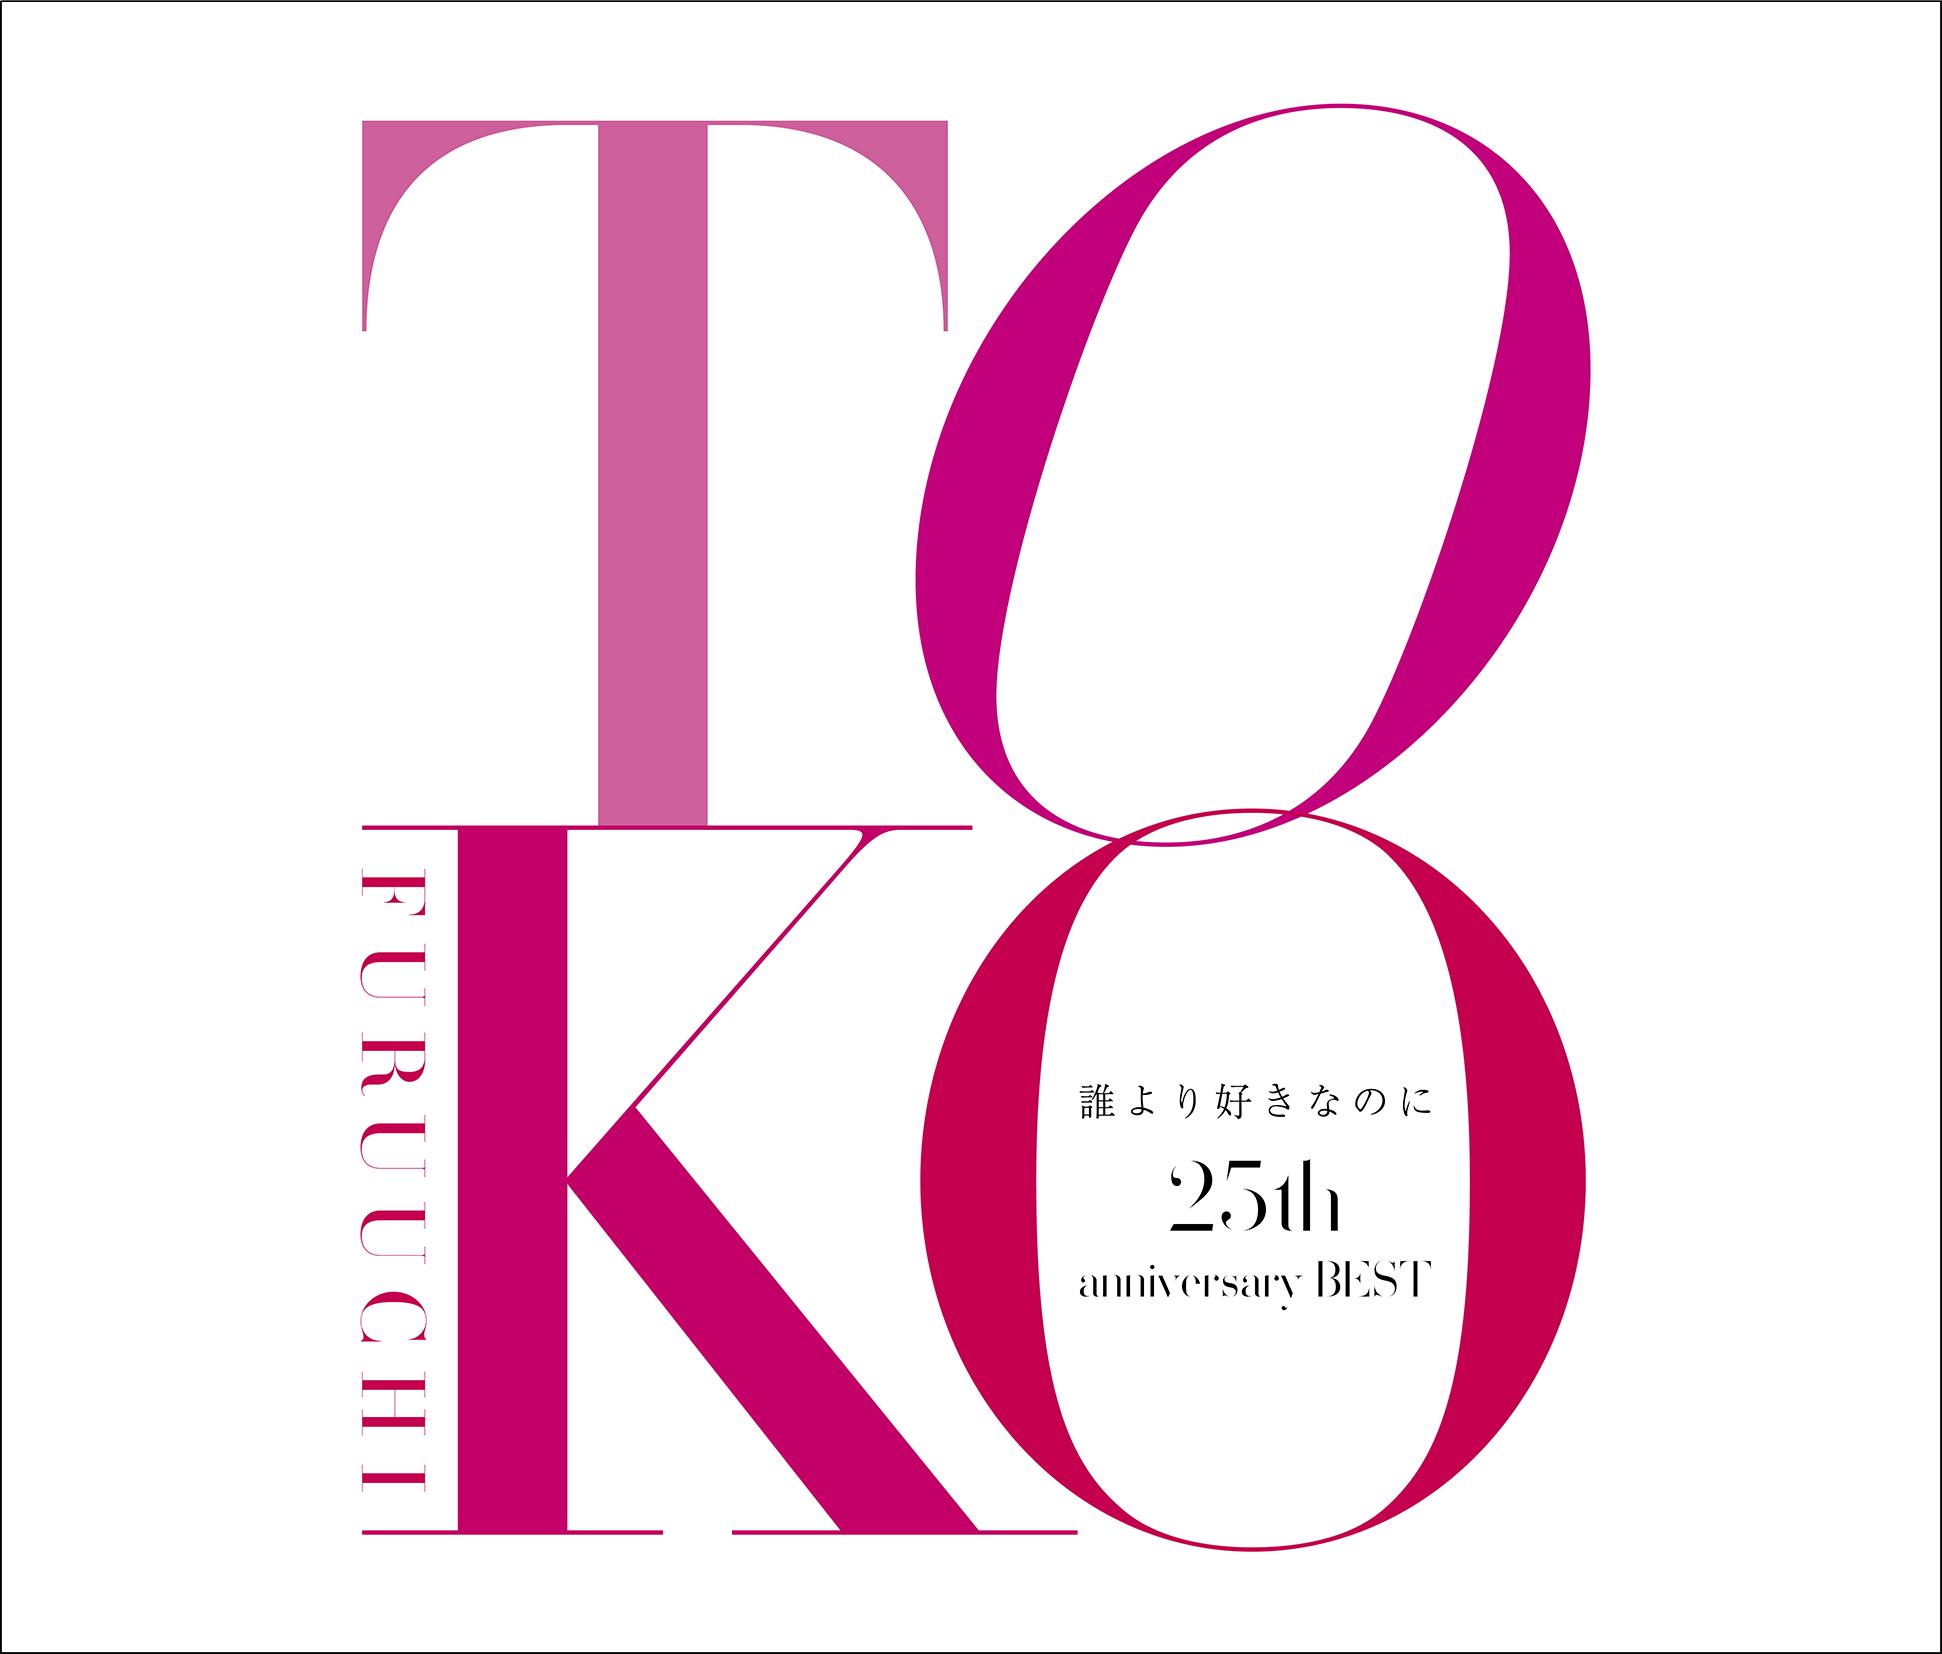 古内東子 「誰より好きなのに 〜25th Anniversary BEST〜」